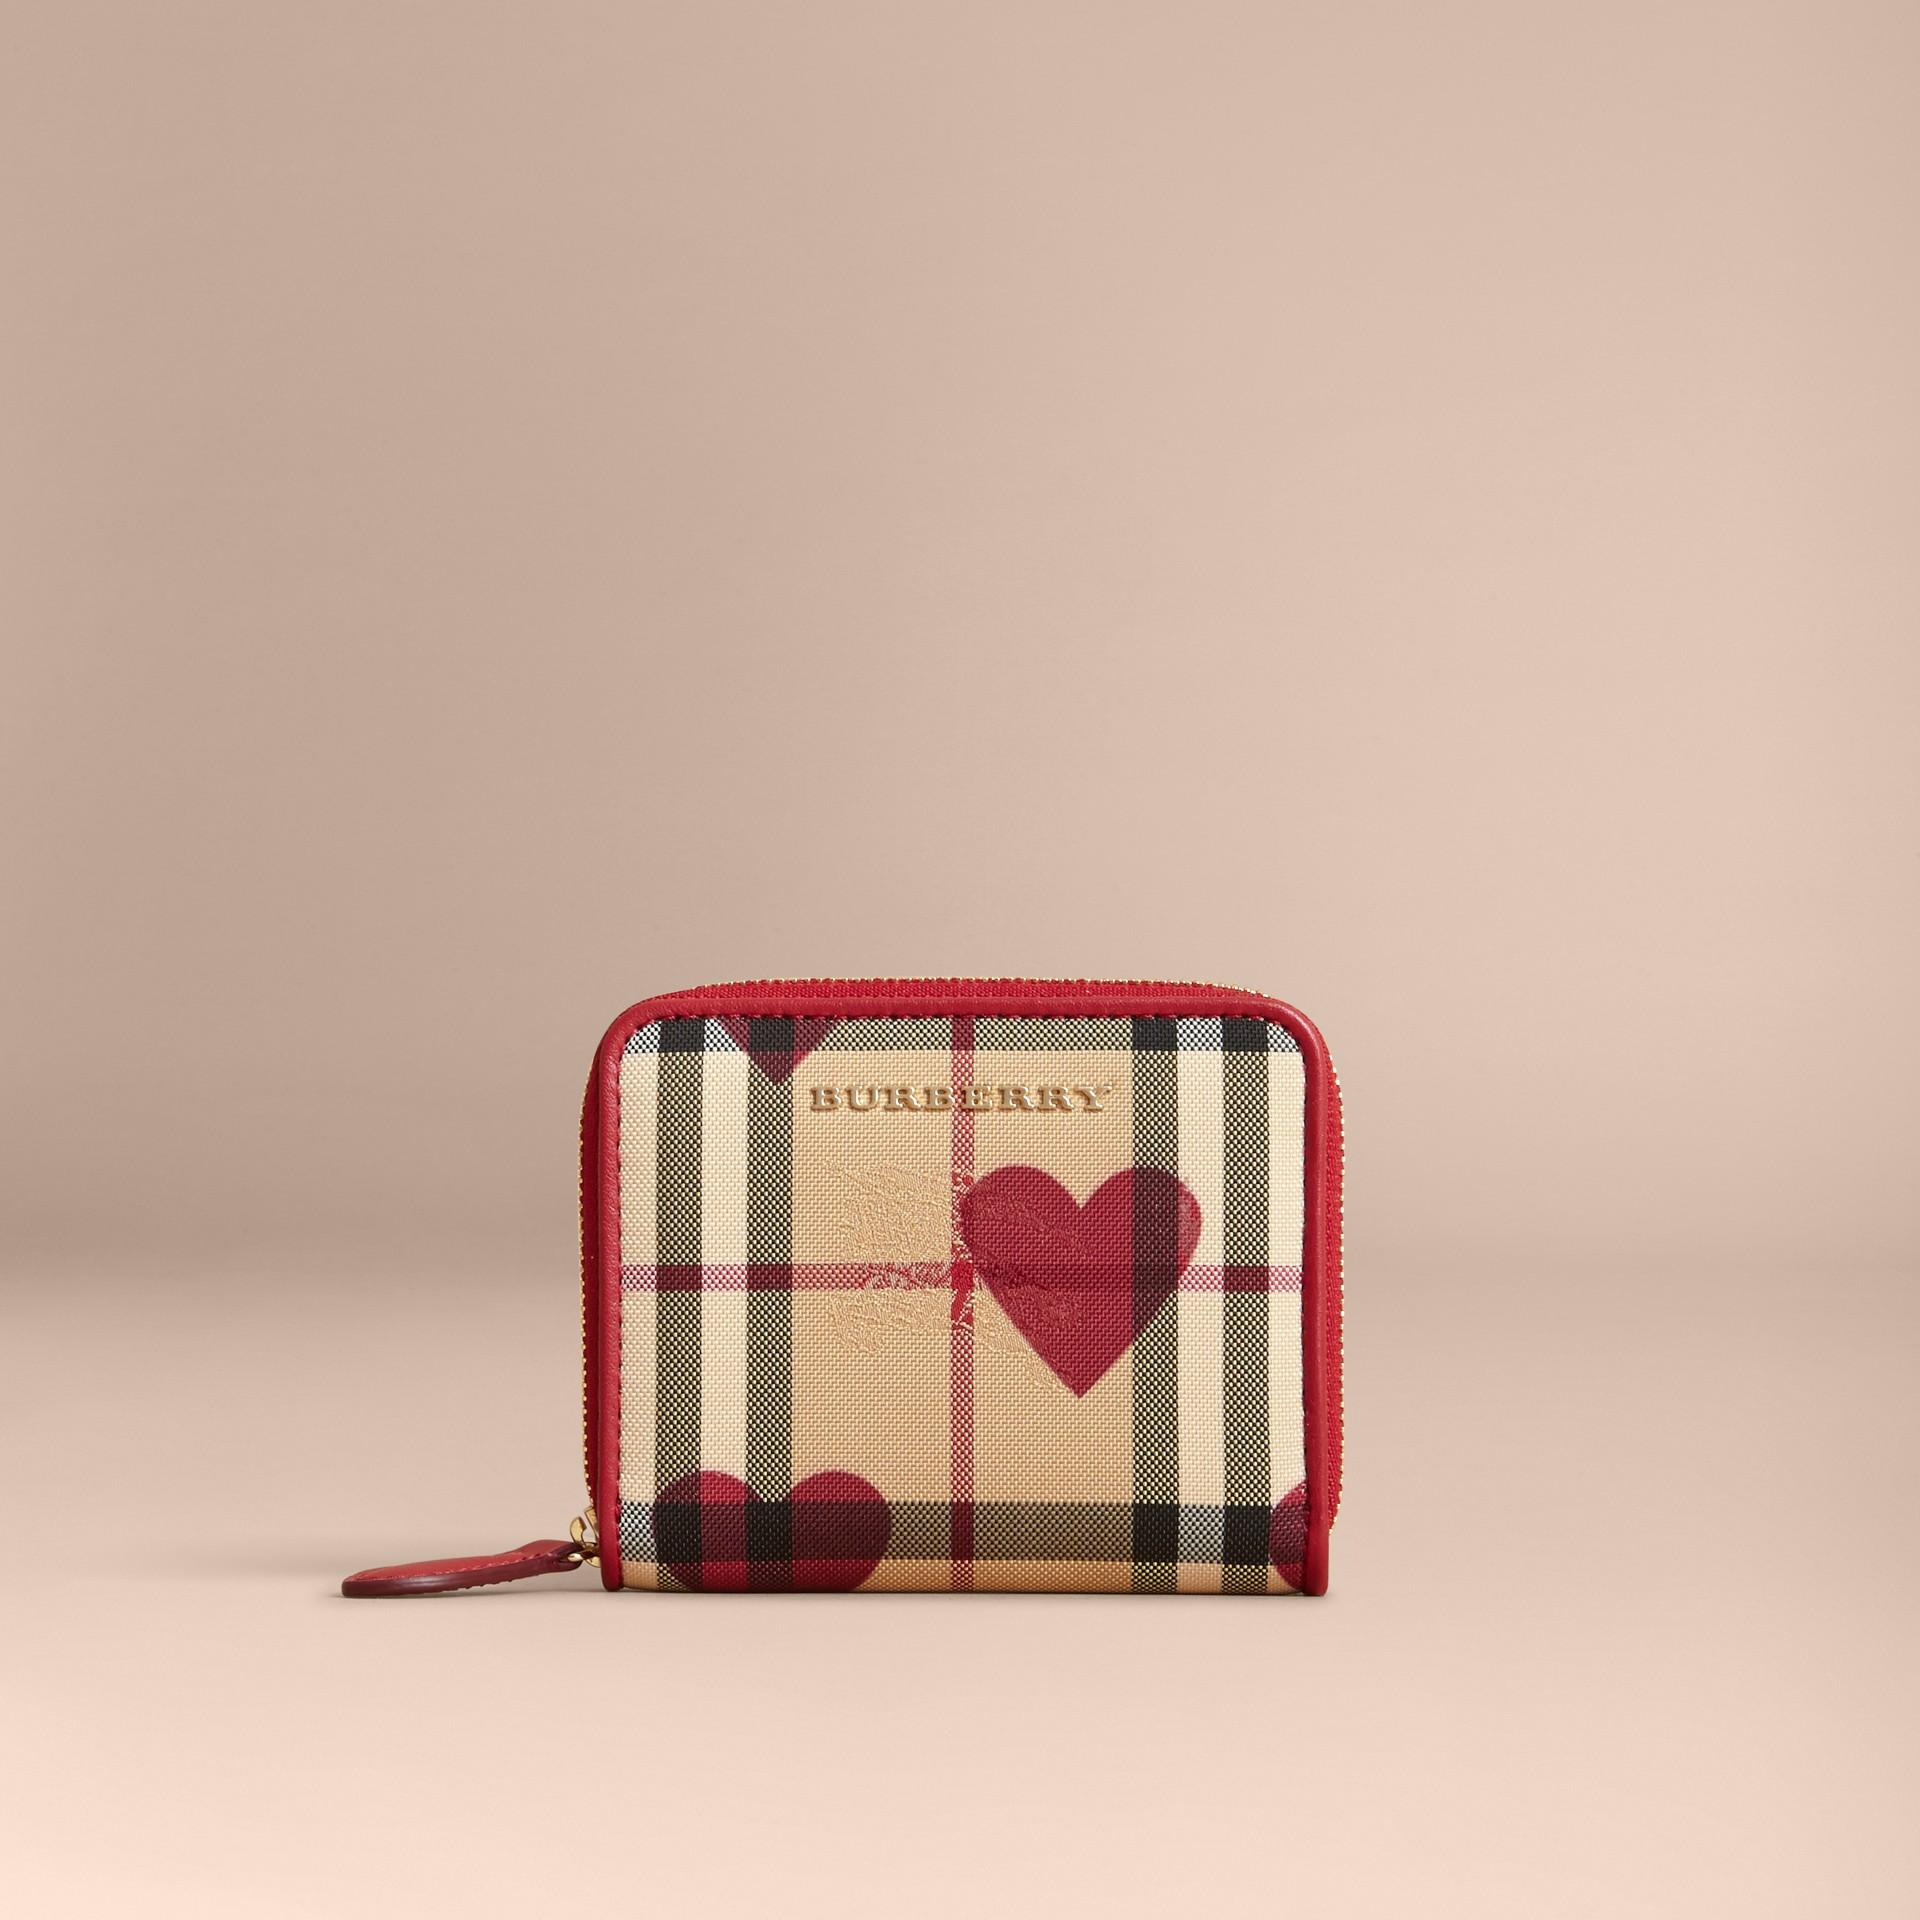 繽紛鮮紅色 心型印花 Horseferry 格紋小型環繞式拉鍊皮夾 - 圖庫照片 6